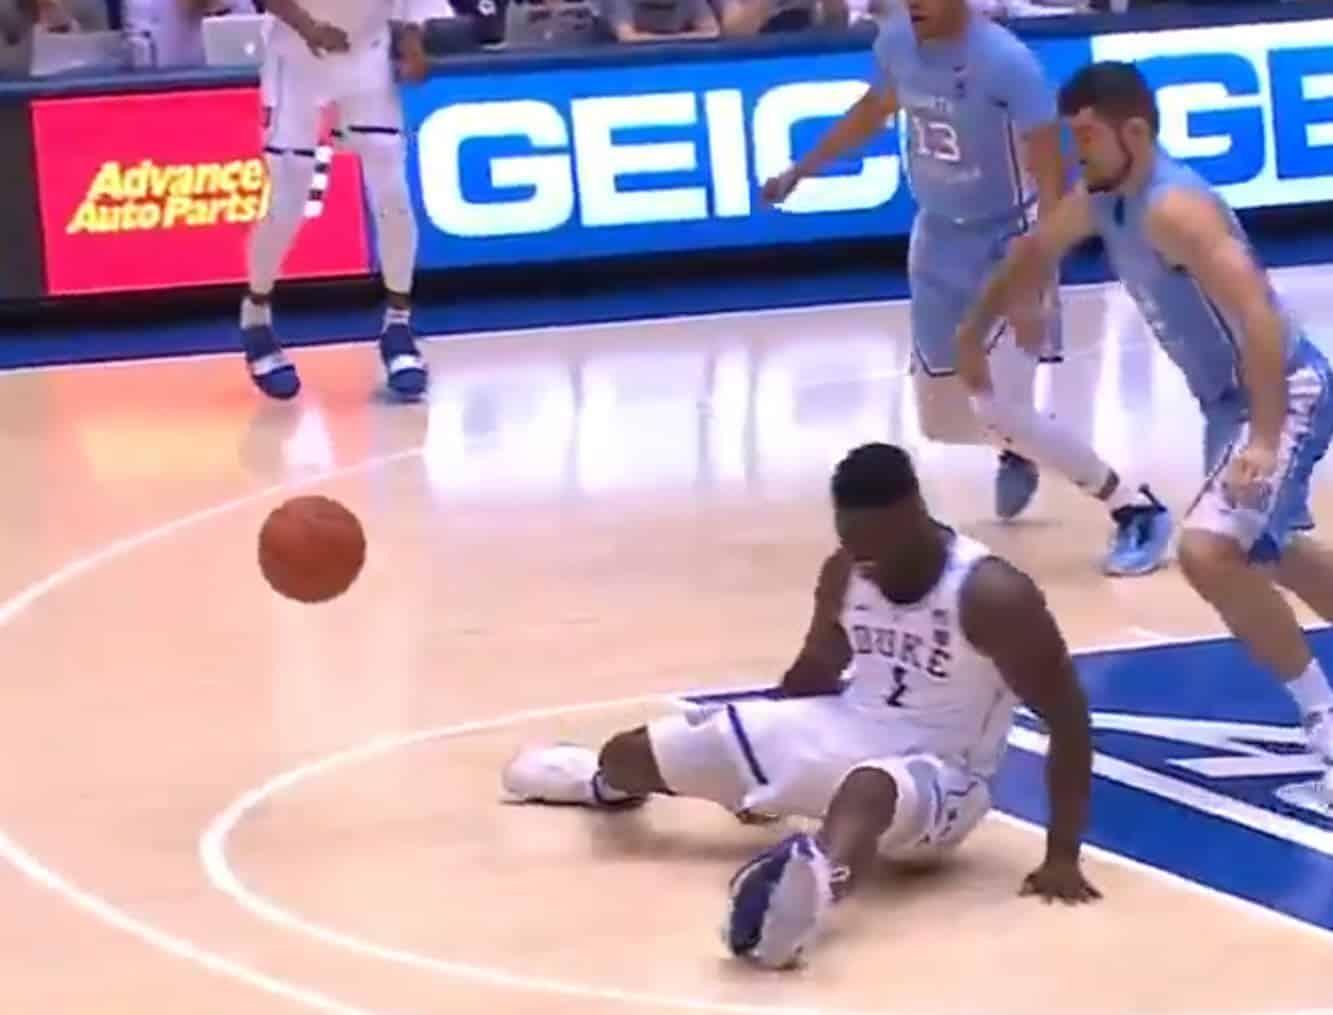 Zion Williamson explose sa chaussure et se blesse au genou